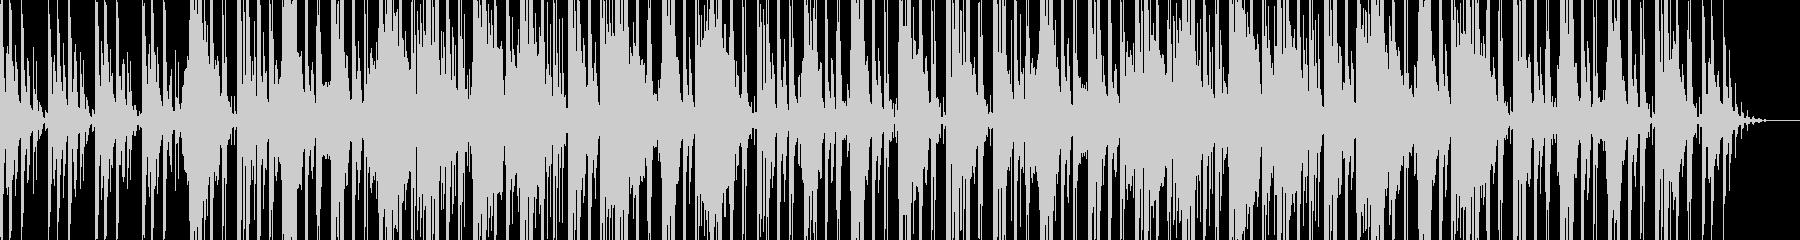 ゆったり優しい電子音メインのBGMの未再生の波形